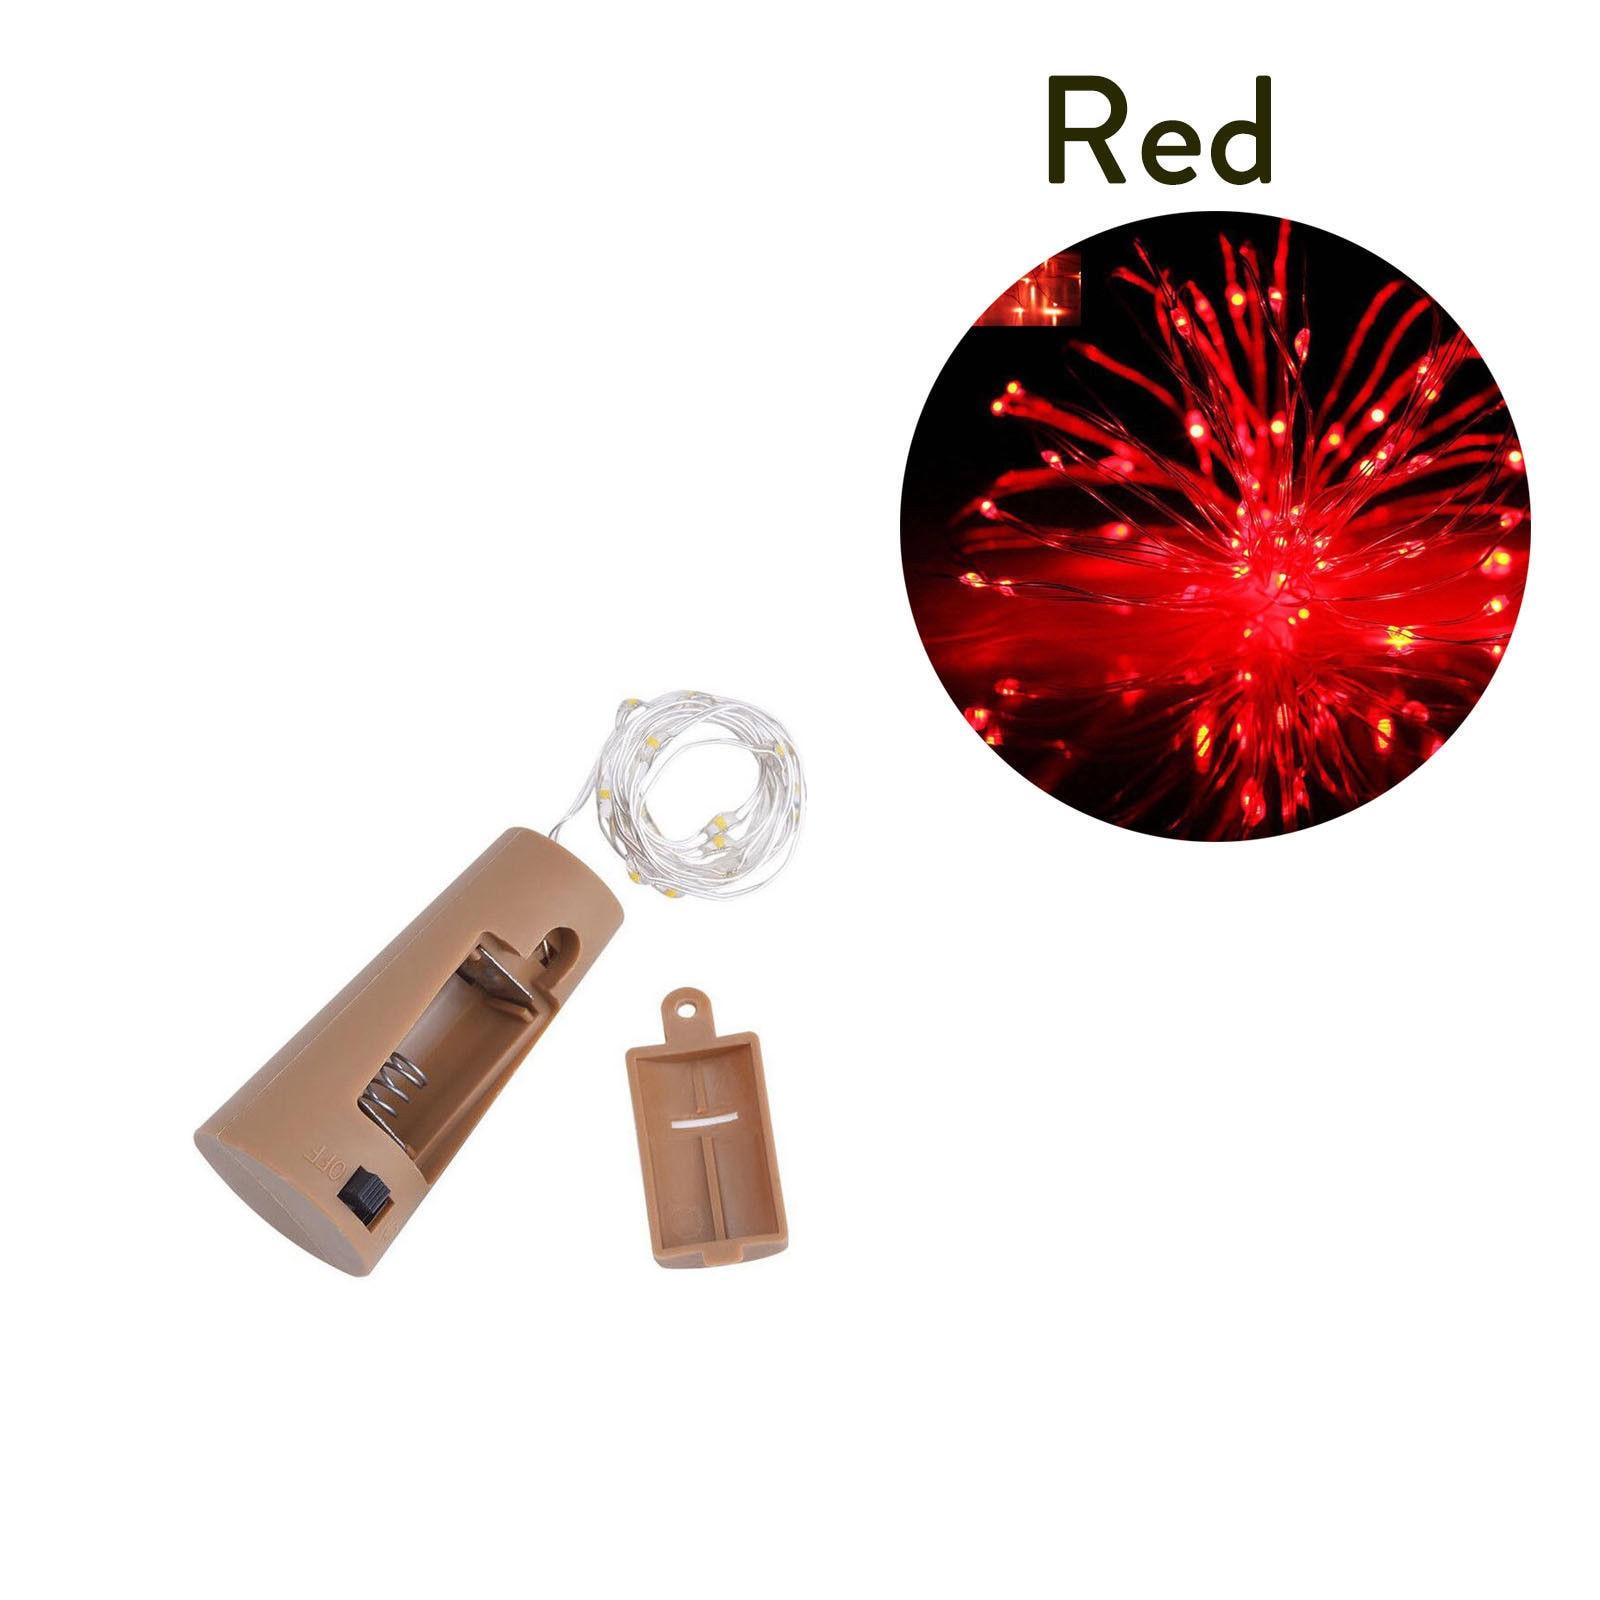 10 20 30 светодиодный s пробковый светодиодный светильник, медная проволока, праздничный уличный Сказочный светильник s для рождественской вечеринки, свадебного украшения - Испускаемый цвет: Красный